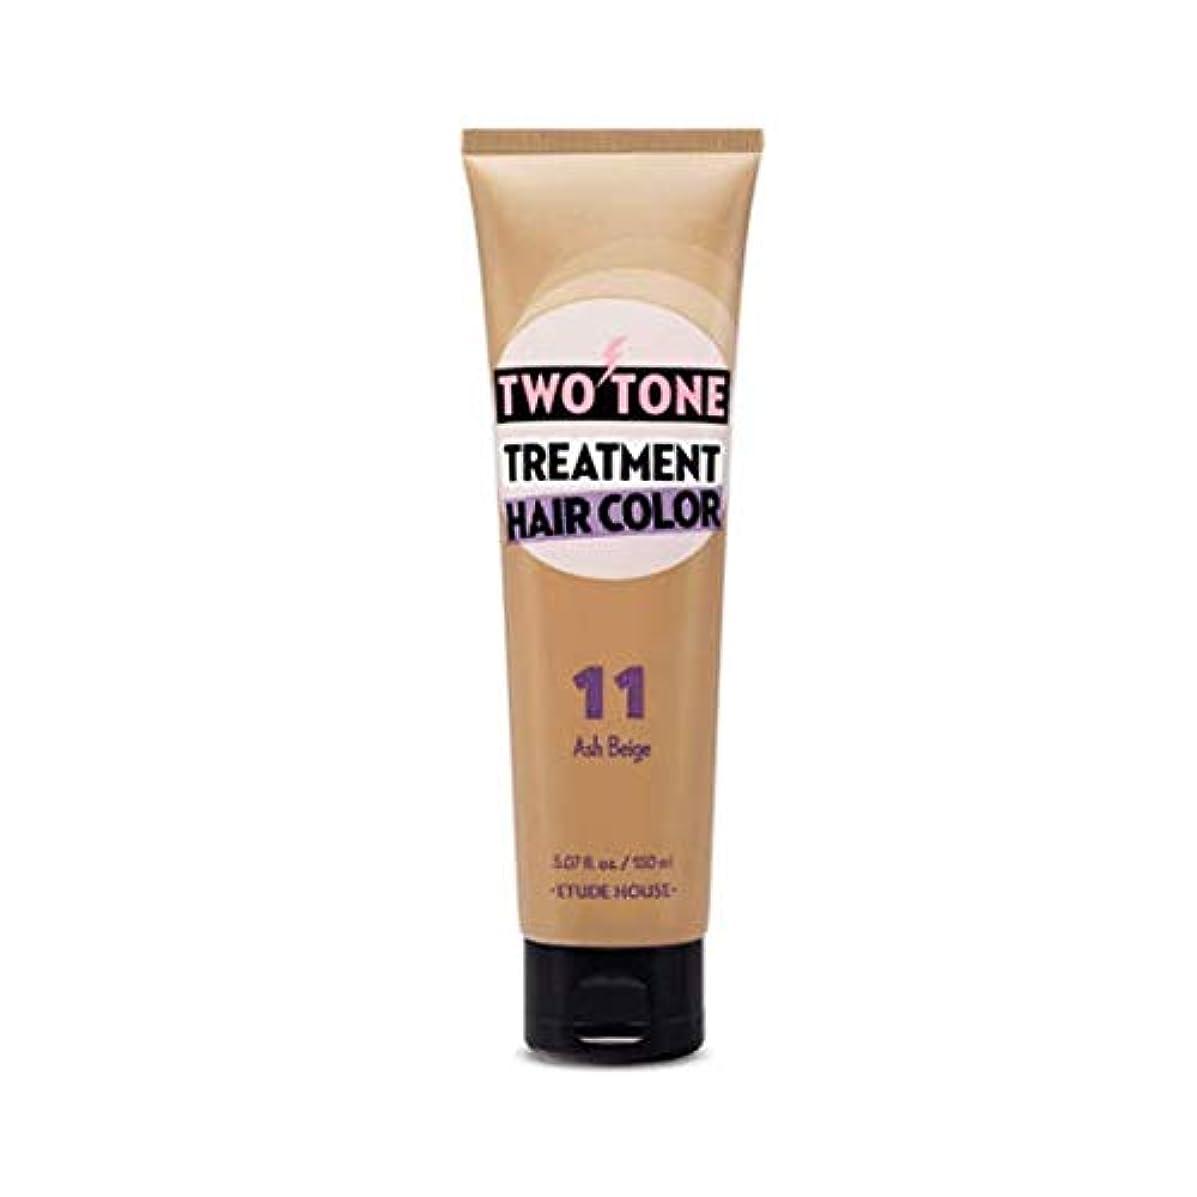 おなじみのシール砂のETUDE HOUSE Two Tone Treatment Hair Color *11 Ash Beige/エチュードハウス ツートントリートメントヘアカラー150ml [並行輸入品]